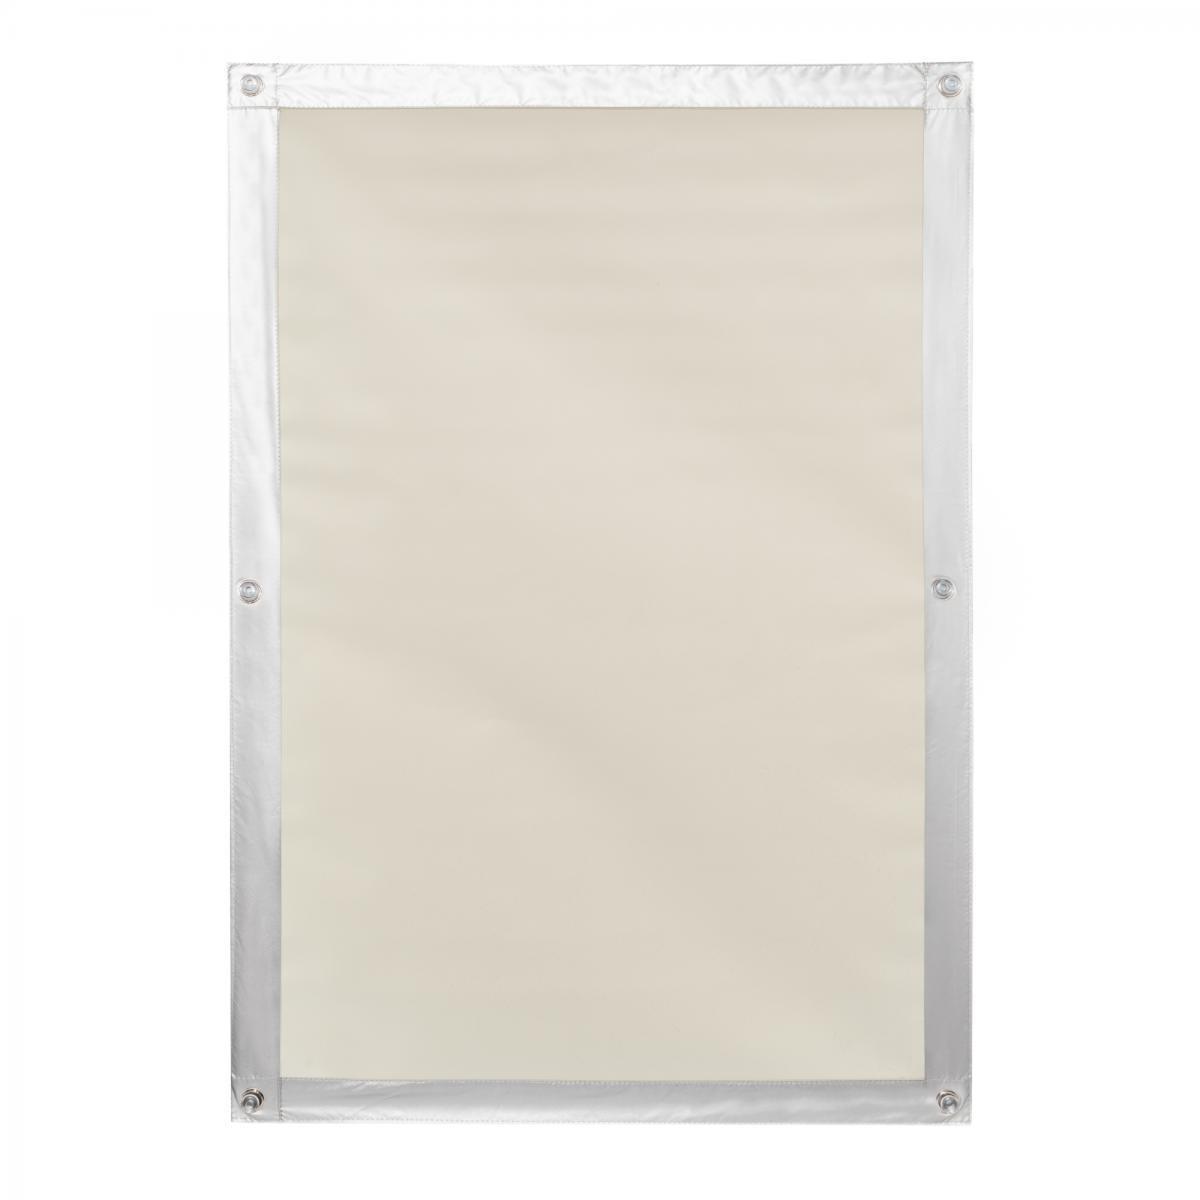 Bild 1 von Lichtblick Dachfenster Sonnenschutz Haftfix, ohne Bohren, Verdunkelung, Beige, 47 cm x 91,5 cm (B x